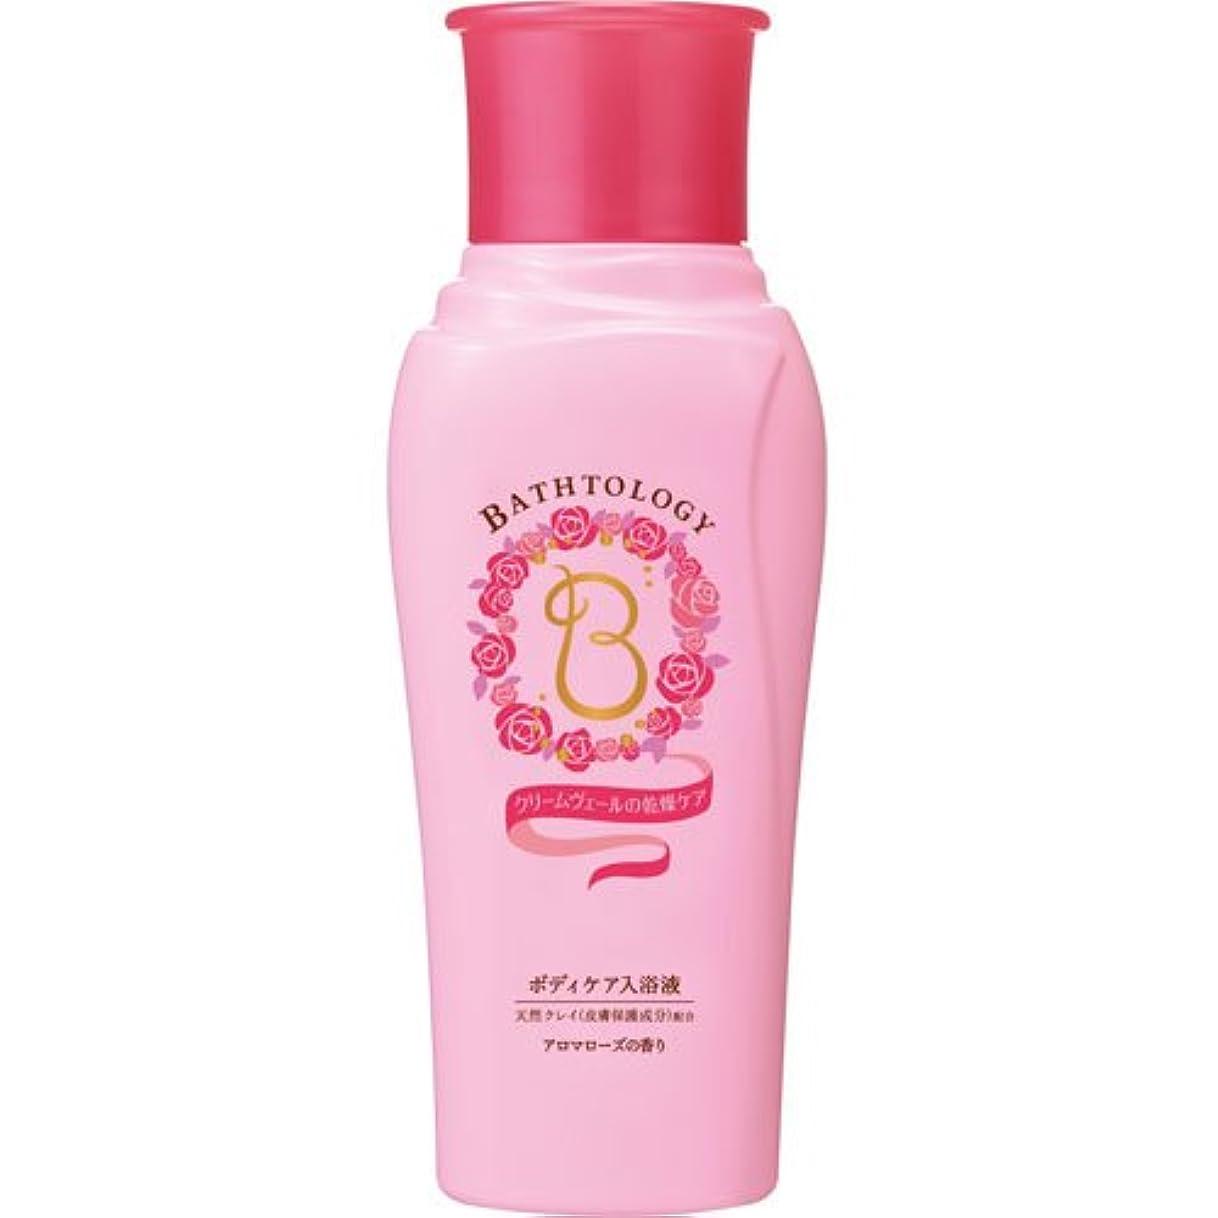 最も遠い保証する借りるBATHTOLOGY ボディケア入浴液 アロマローズの香り 本体 450mL